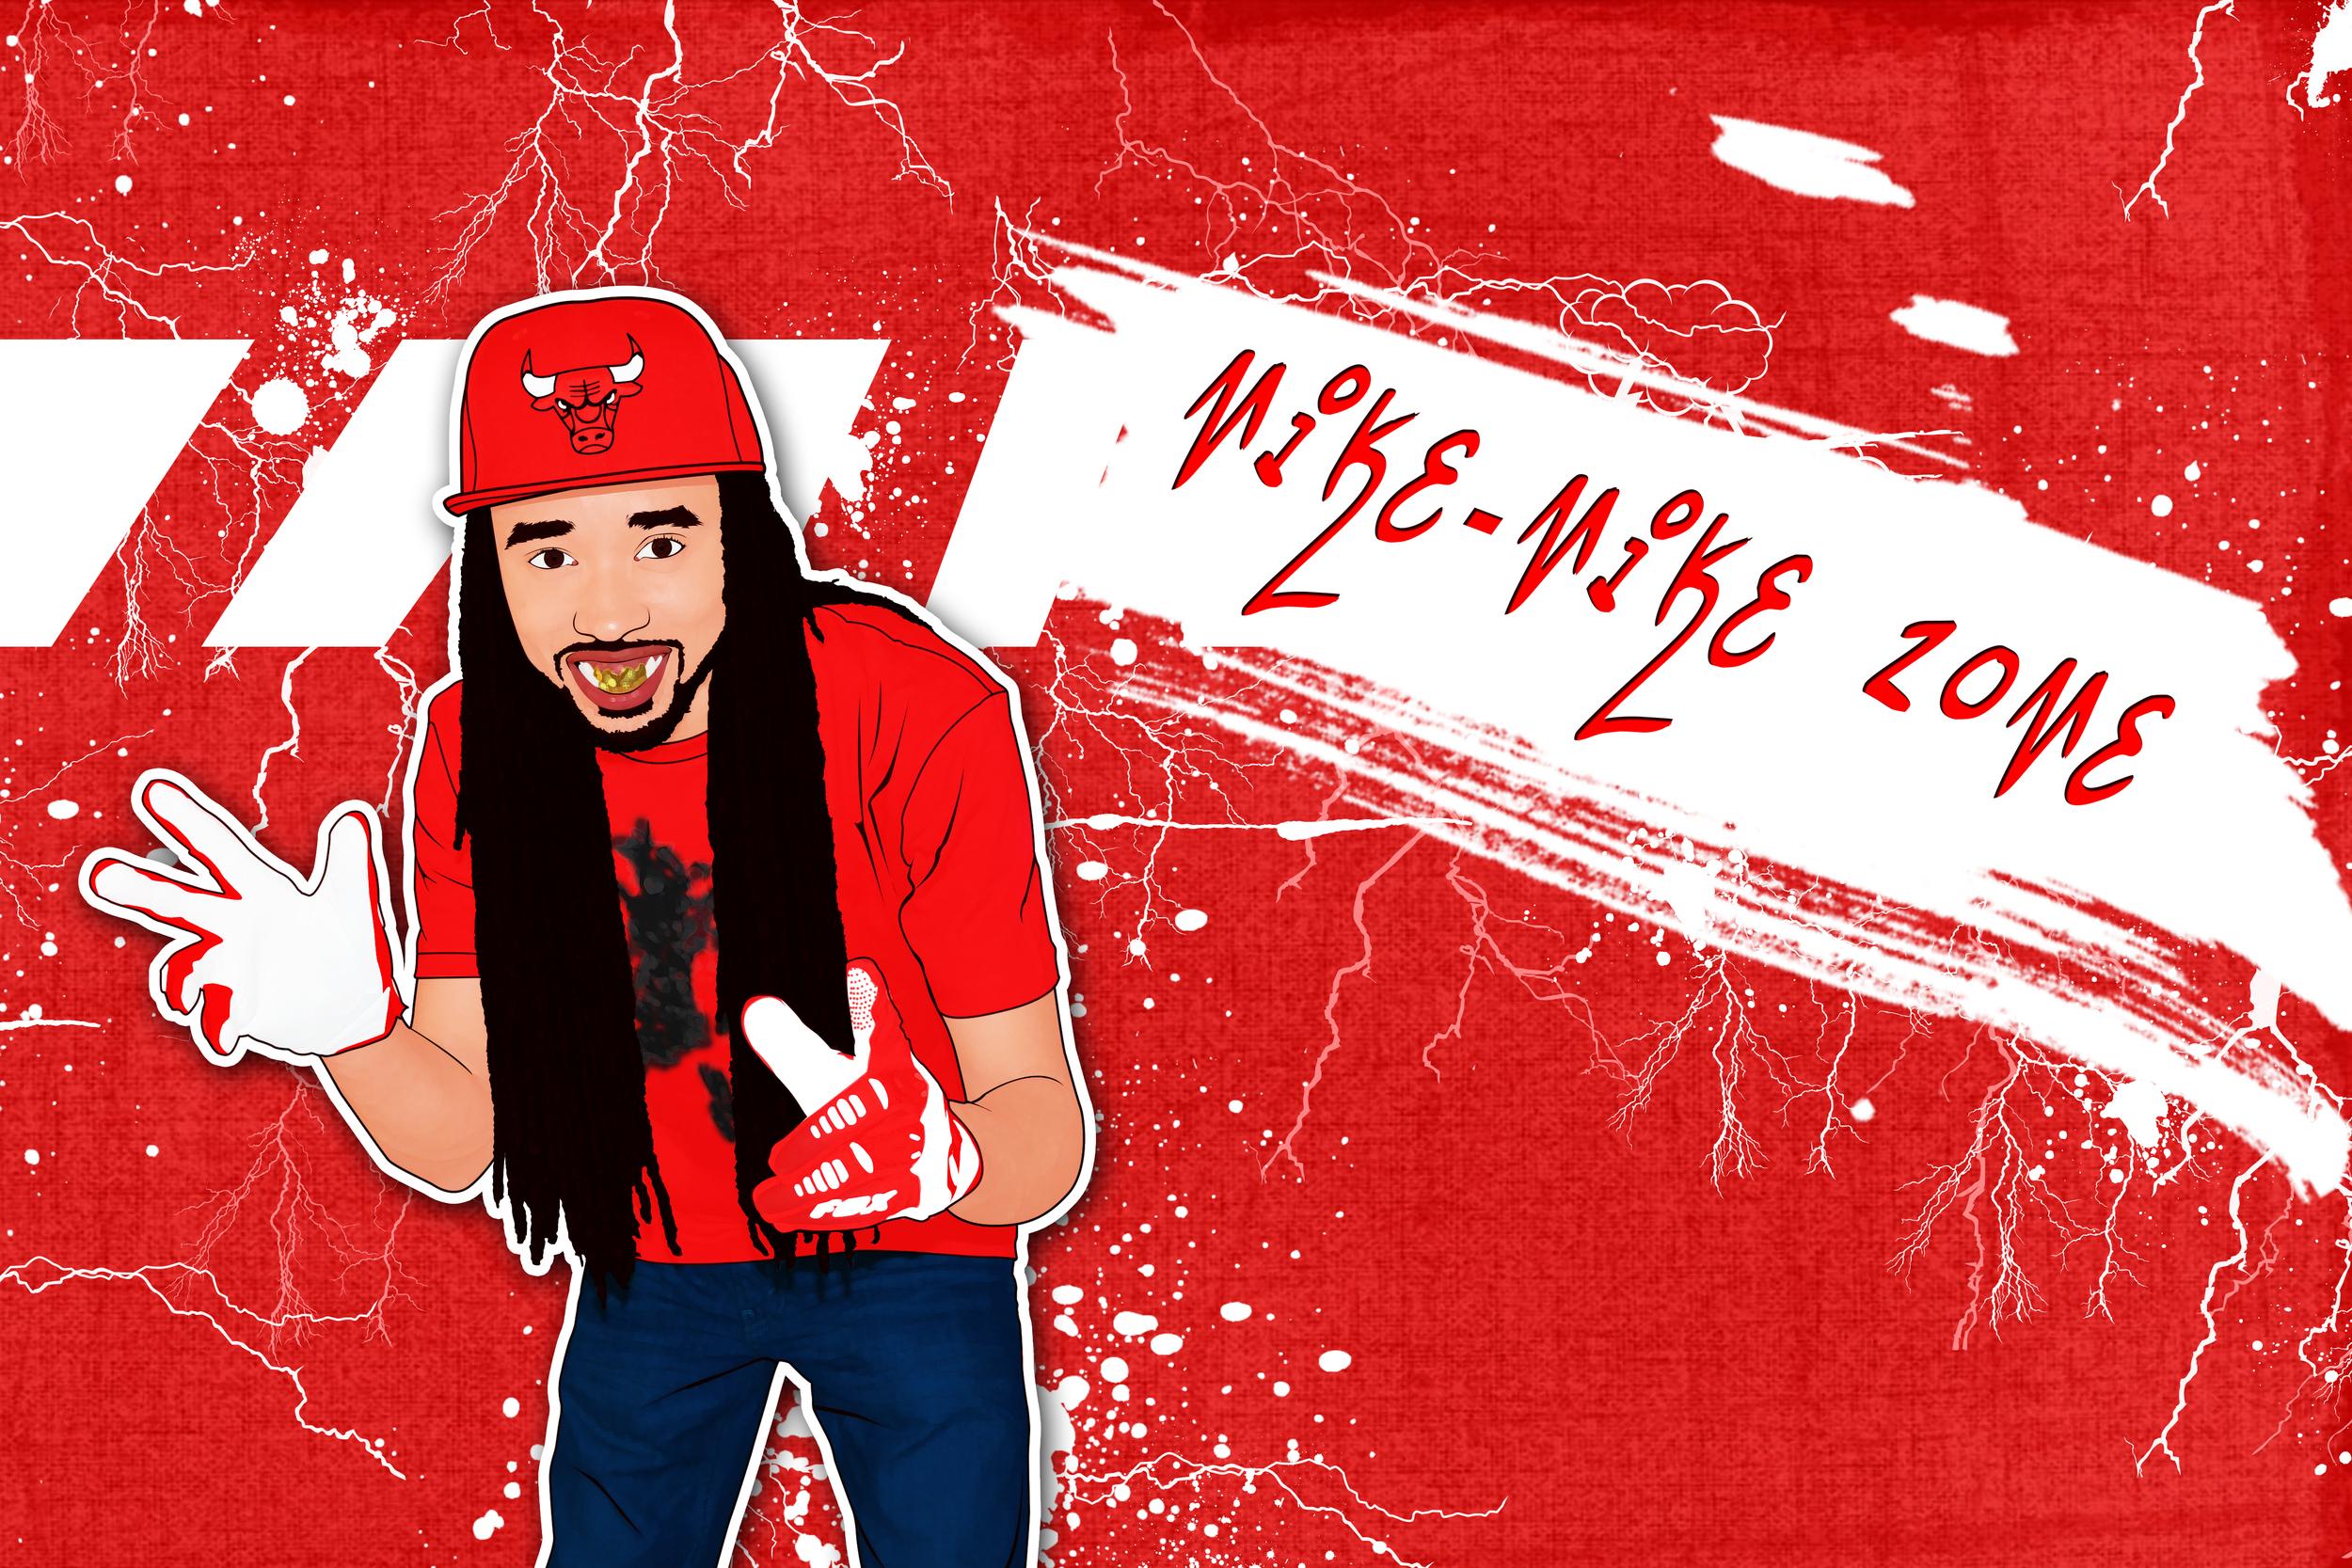 Red___White.jpg